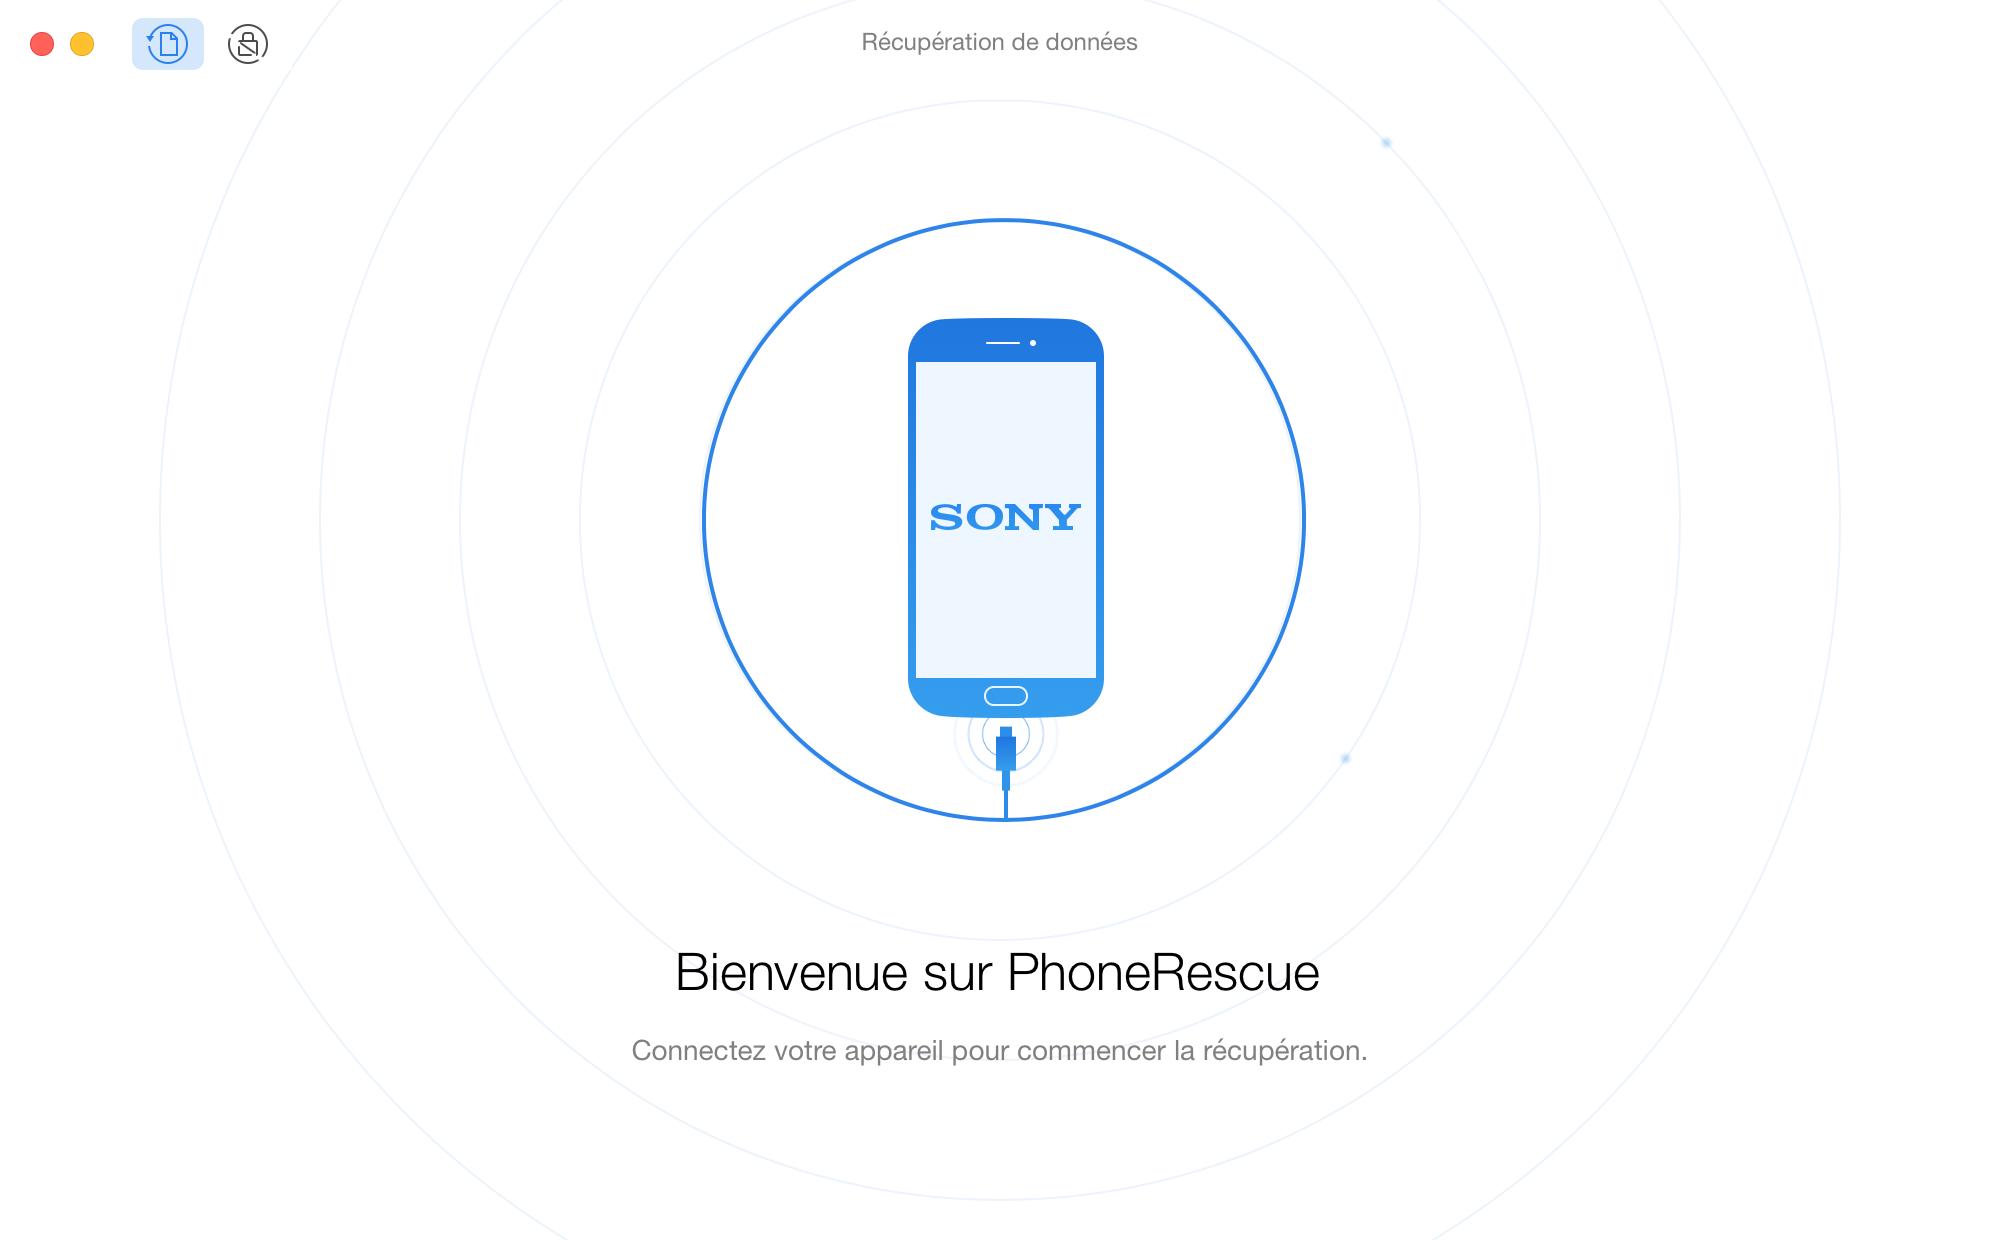 Connectez votre appareil Sony